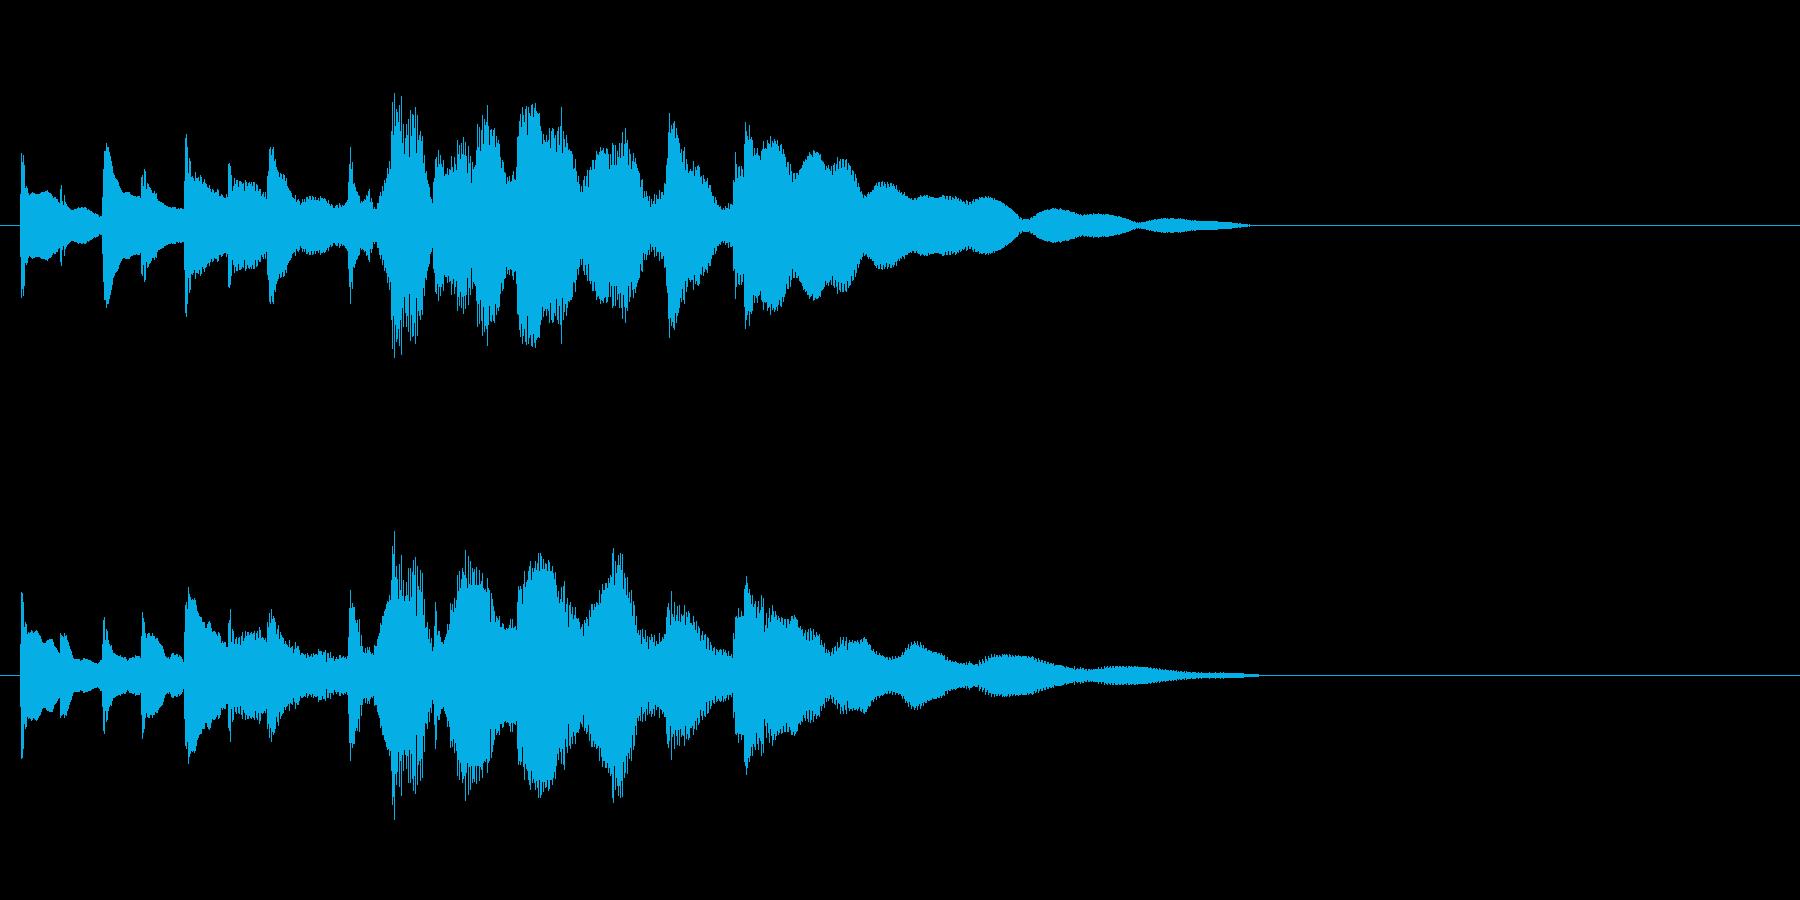 バス発車音 田舎 ほのぼの チャイムの再生済みの波形